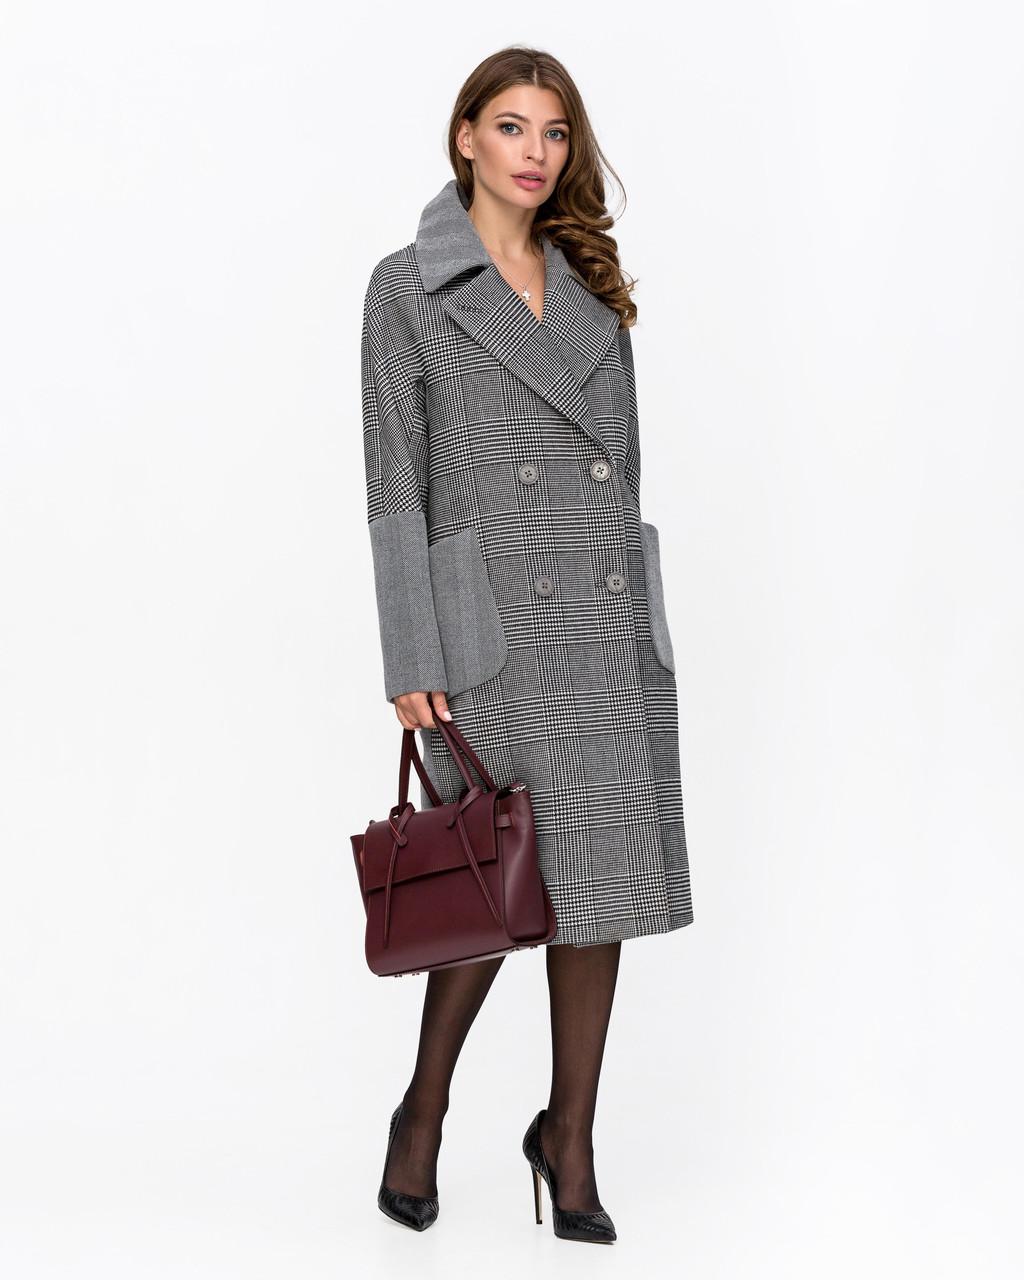 Пальто женское демисезонное оверсайз 1342 | 42-52р.